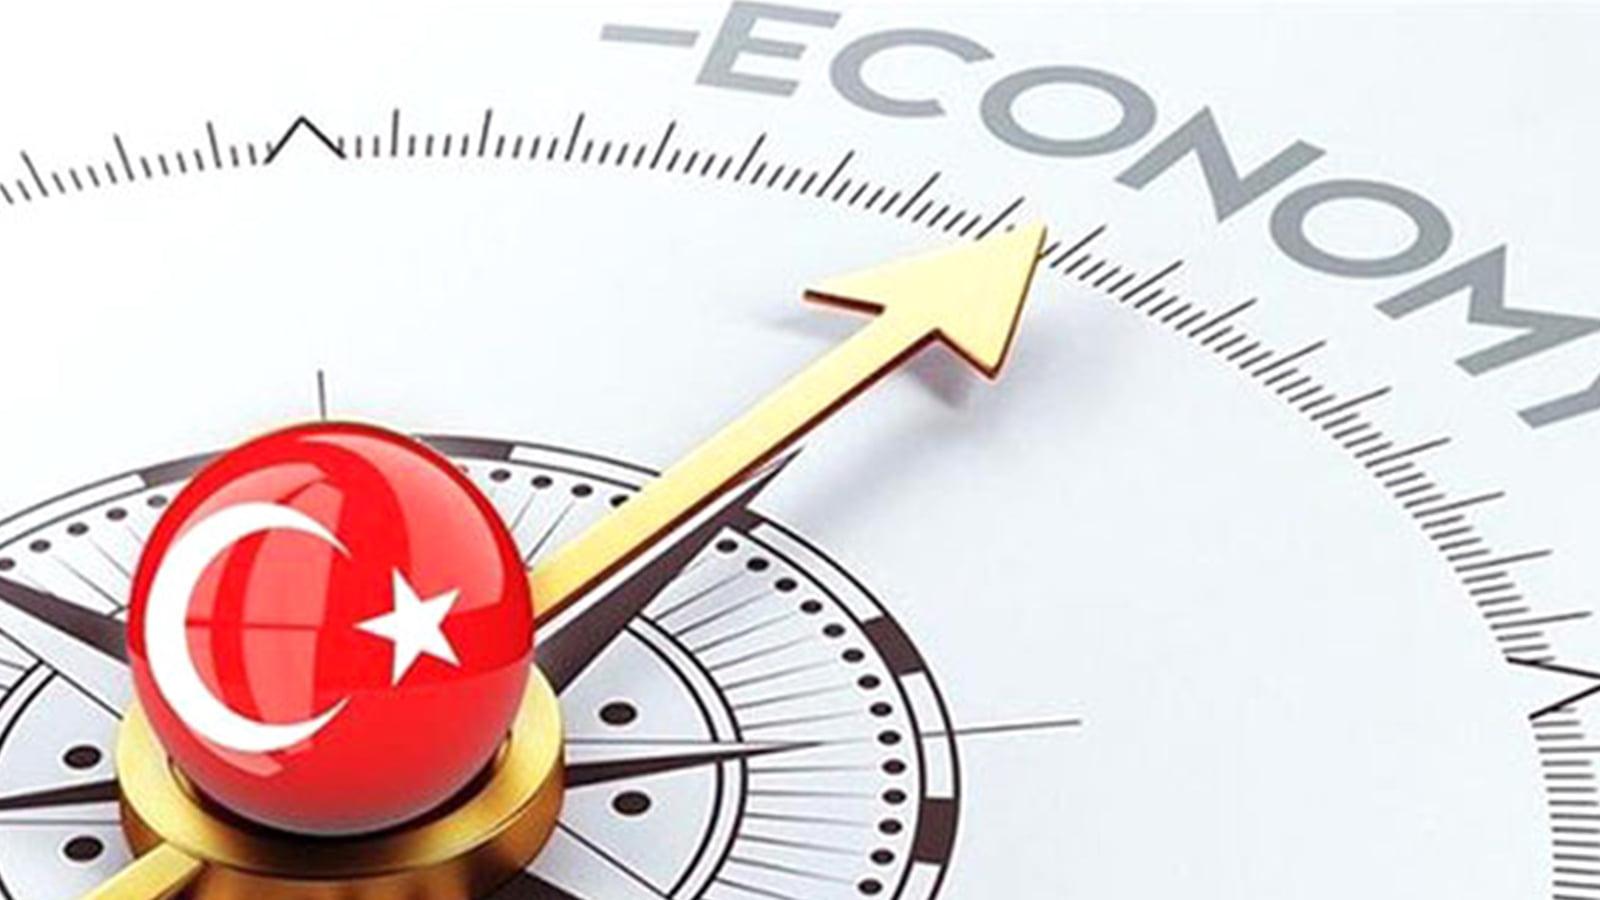 Ποια είναι η οικονομική κατάσταση στην Τουρκία – Μια αντικειμενική ματιά